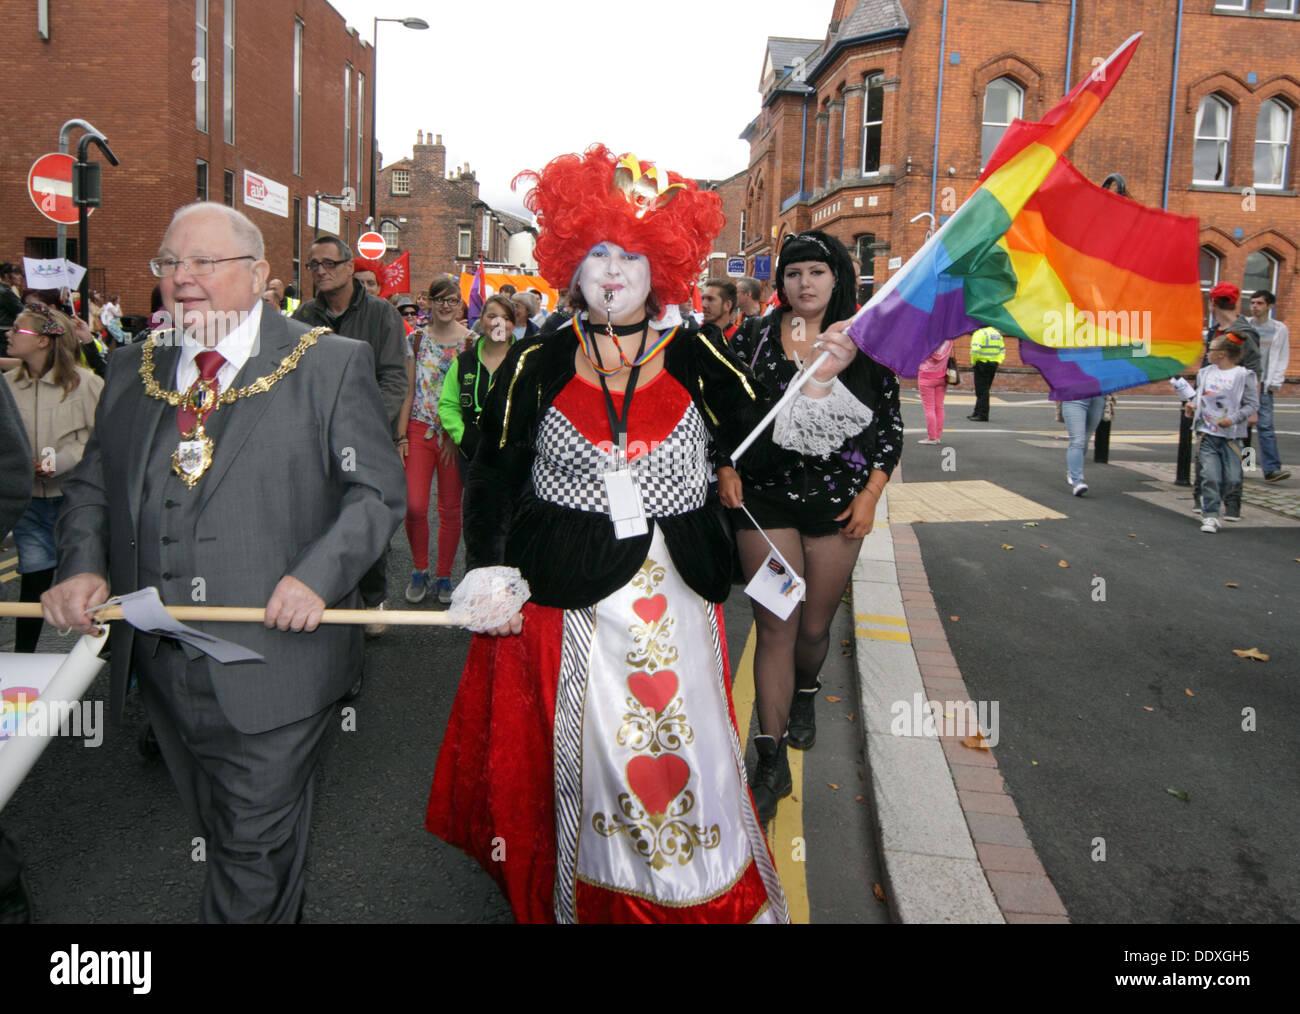 Laden Sie dieses Alamy Stockfoto Herr Bürgermeister, Warrington LGBT Pride event, September im Stadtzentrum, Cheshire, England, Großbritannien - DDXGH5